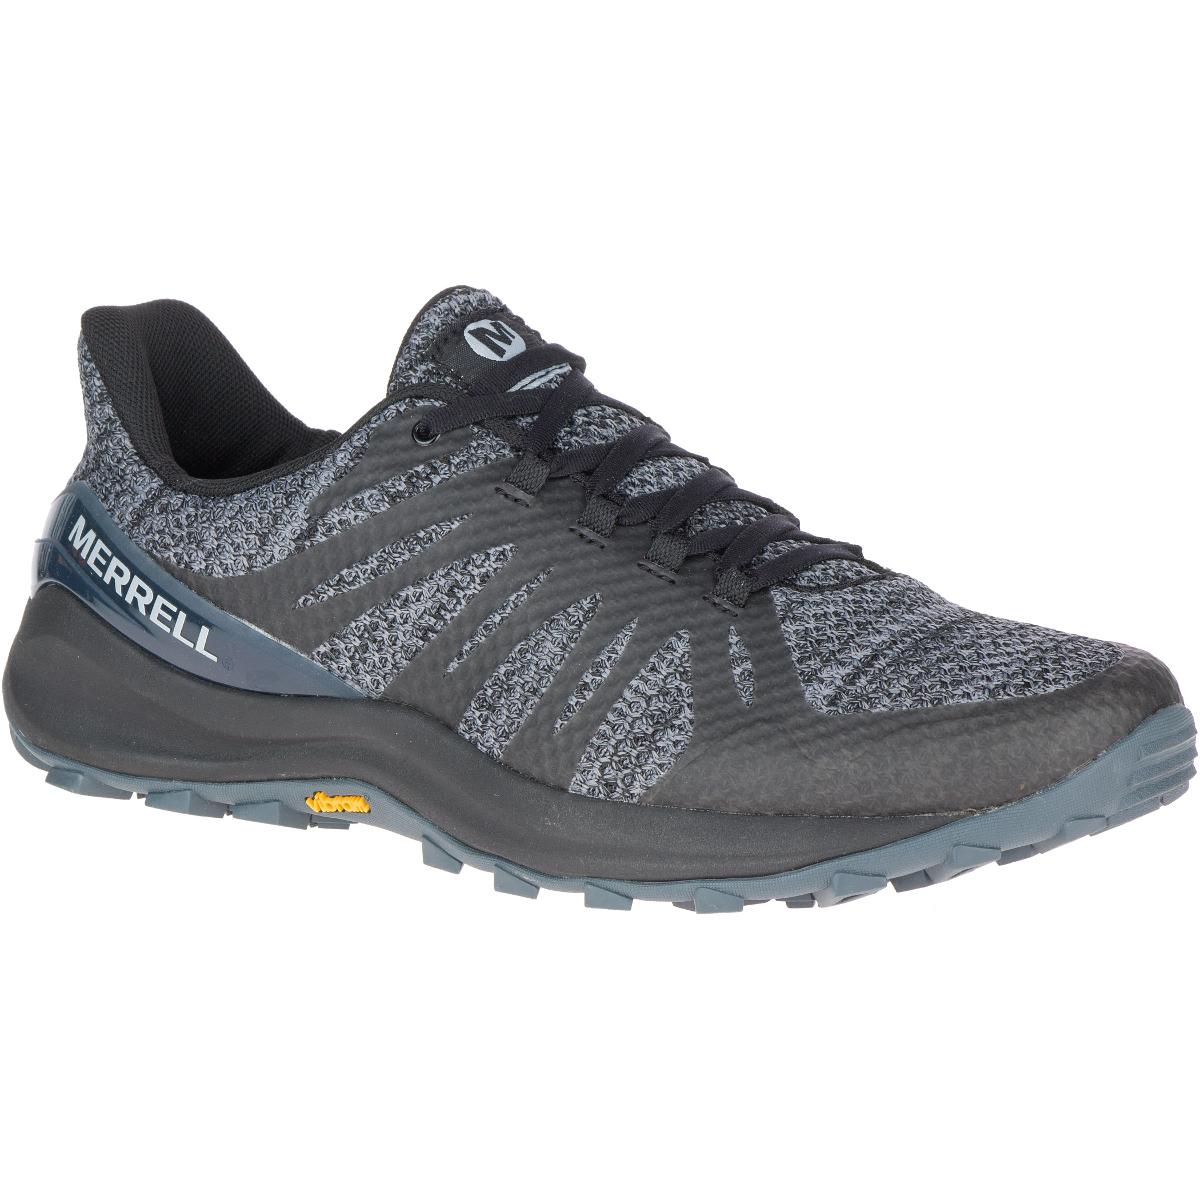 Merrell Men's Momentous Trail Running Shoe - Black, 10.5